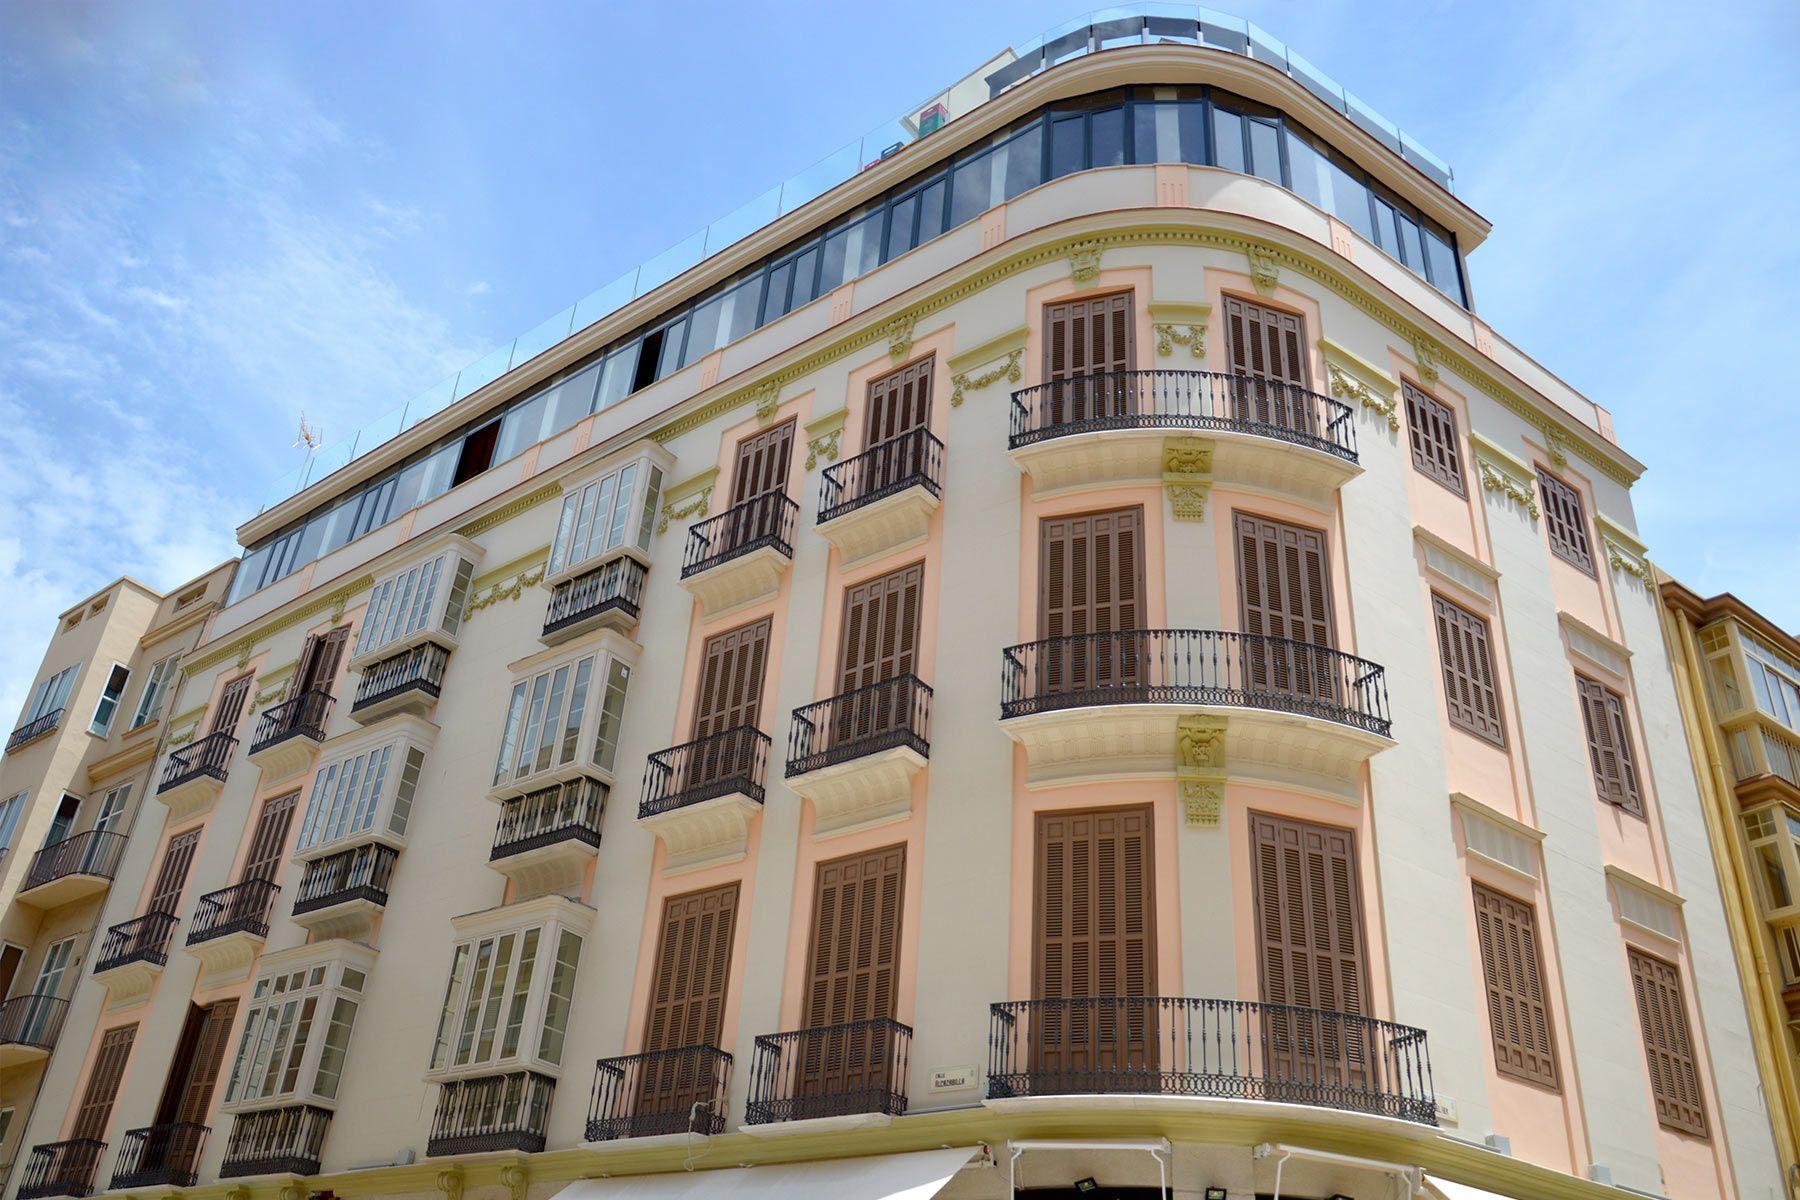 Fachada Alcazba Premium Hostel